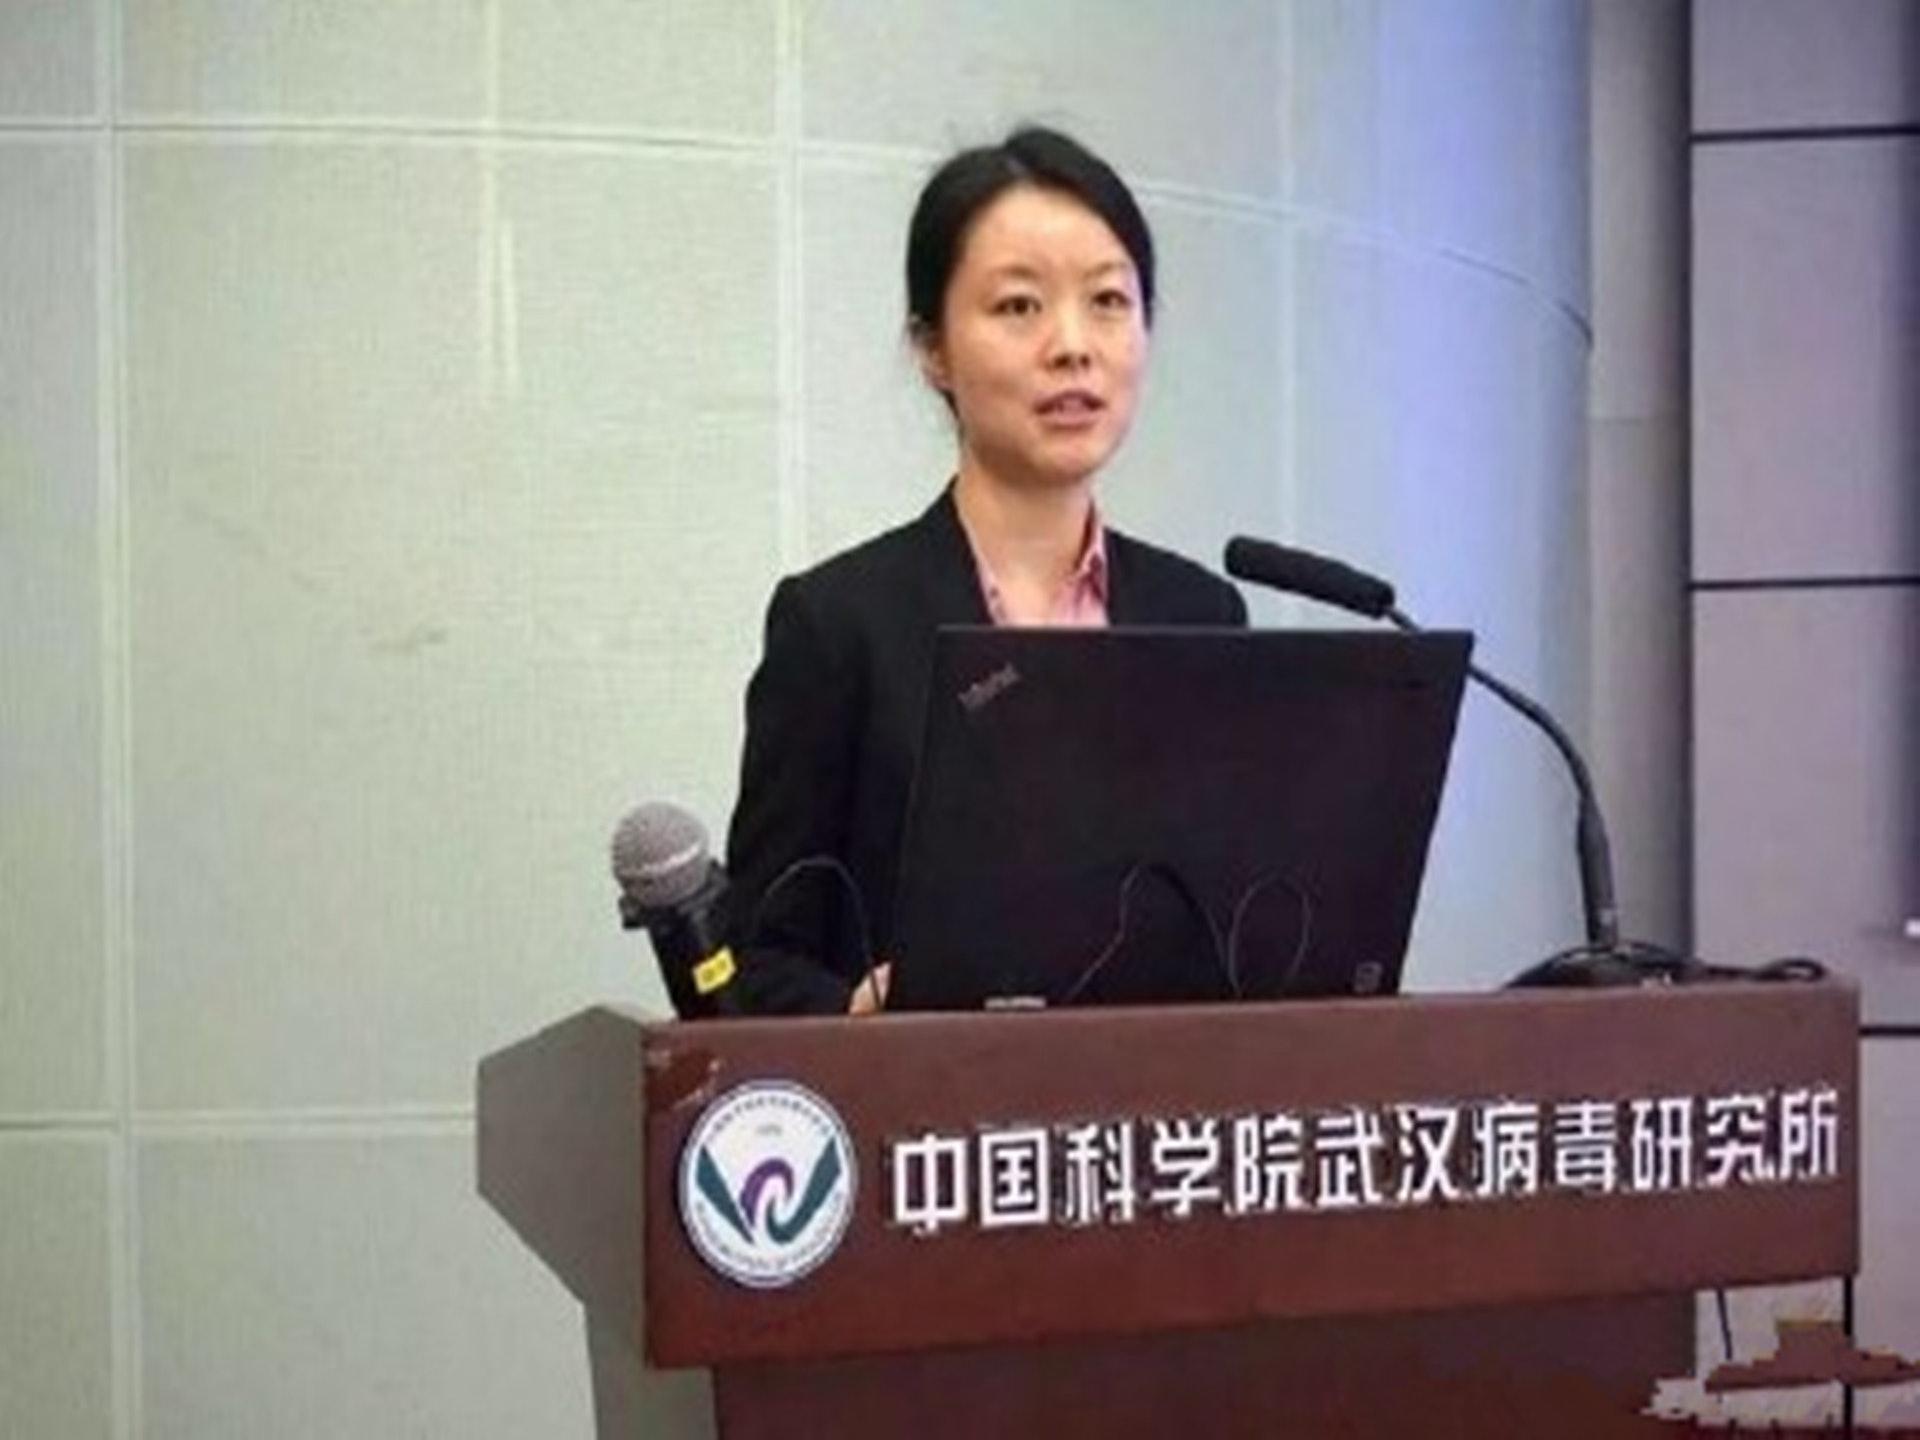 王延轶此前出席武汉病毒研究所活动。(微博@e_car的V博space)